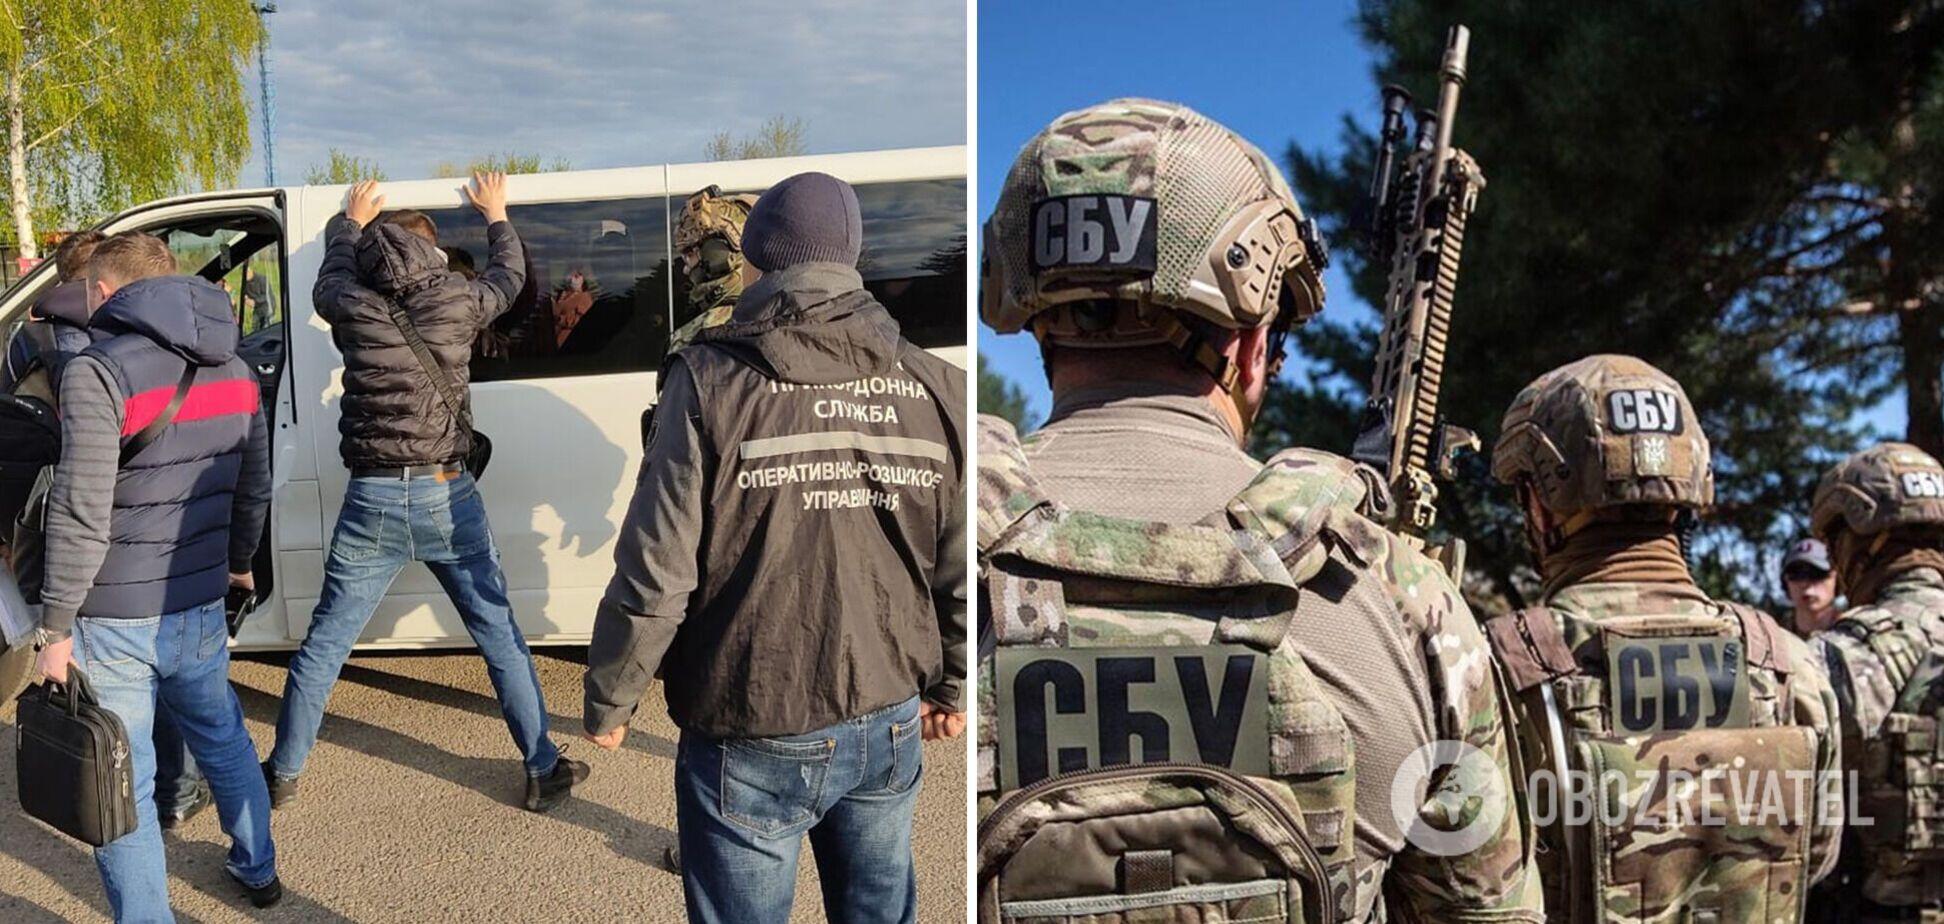 СБУ затримала нелегального перевізника, який платив данину терористам 'ДНР'. Фото